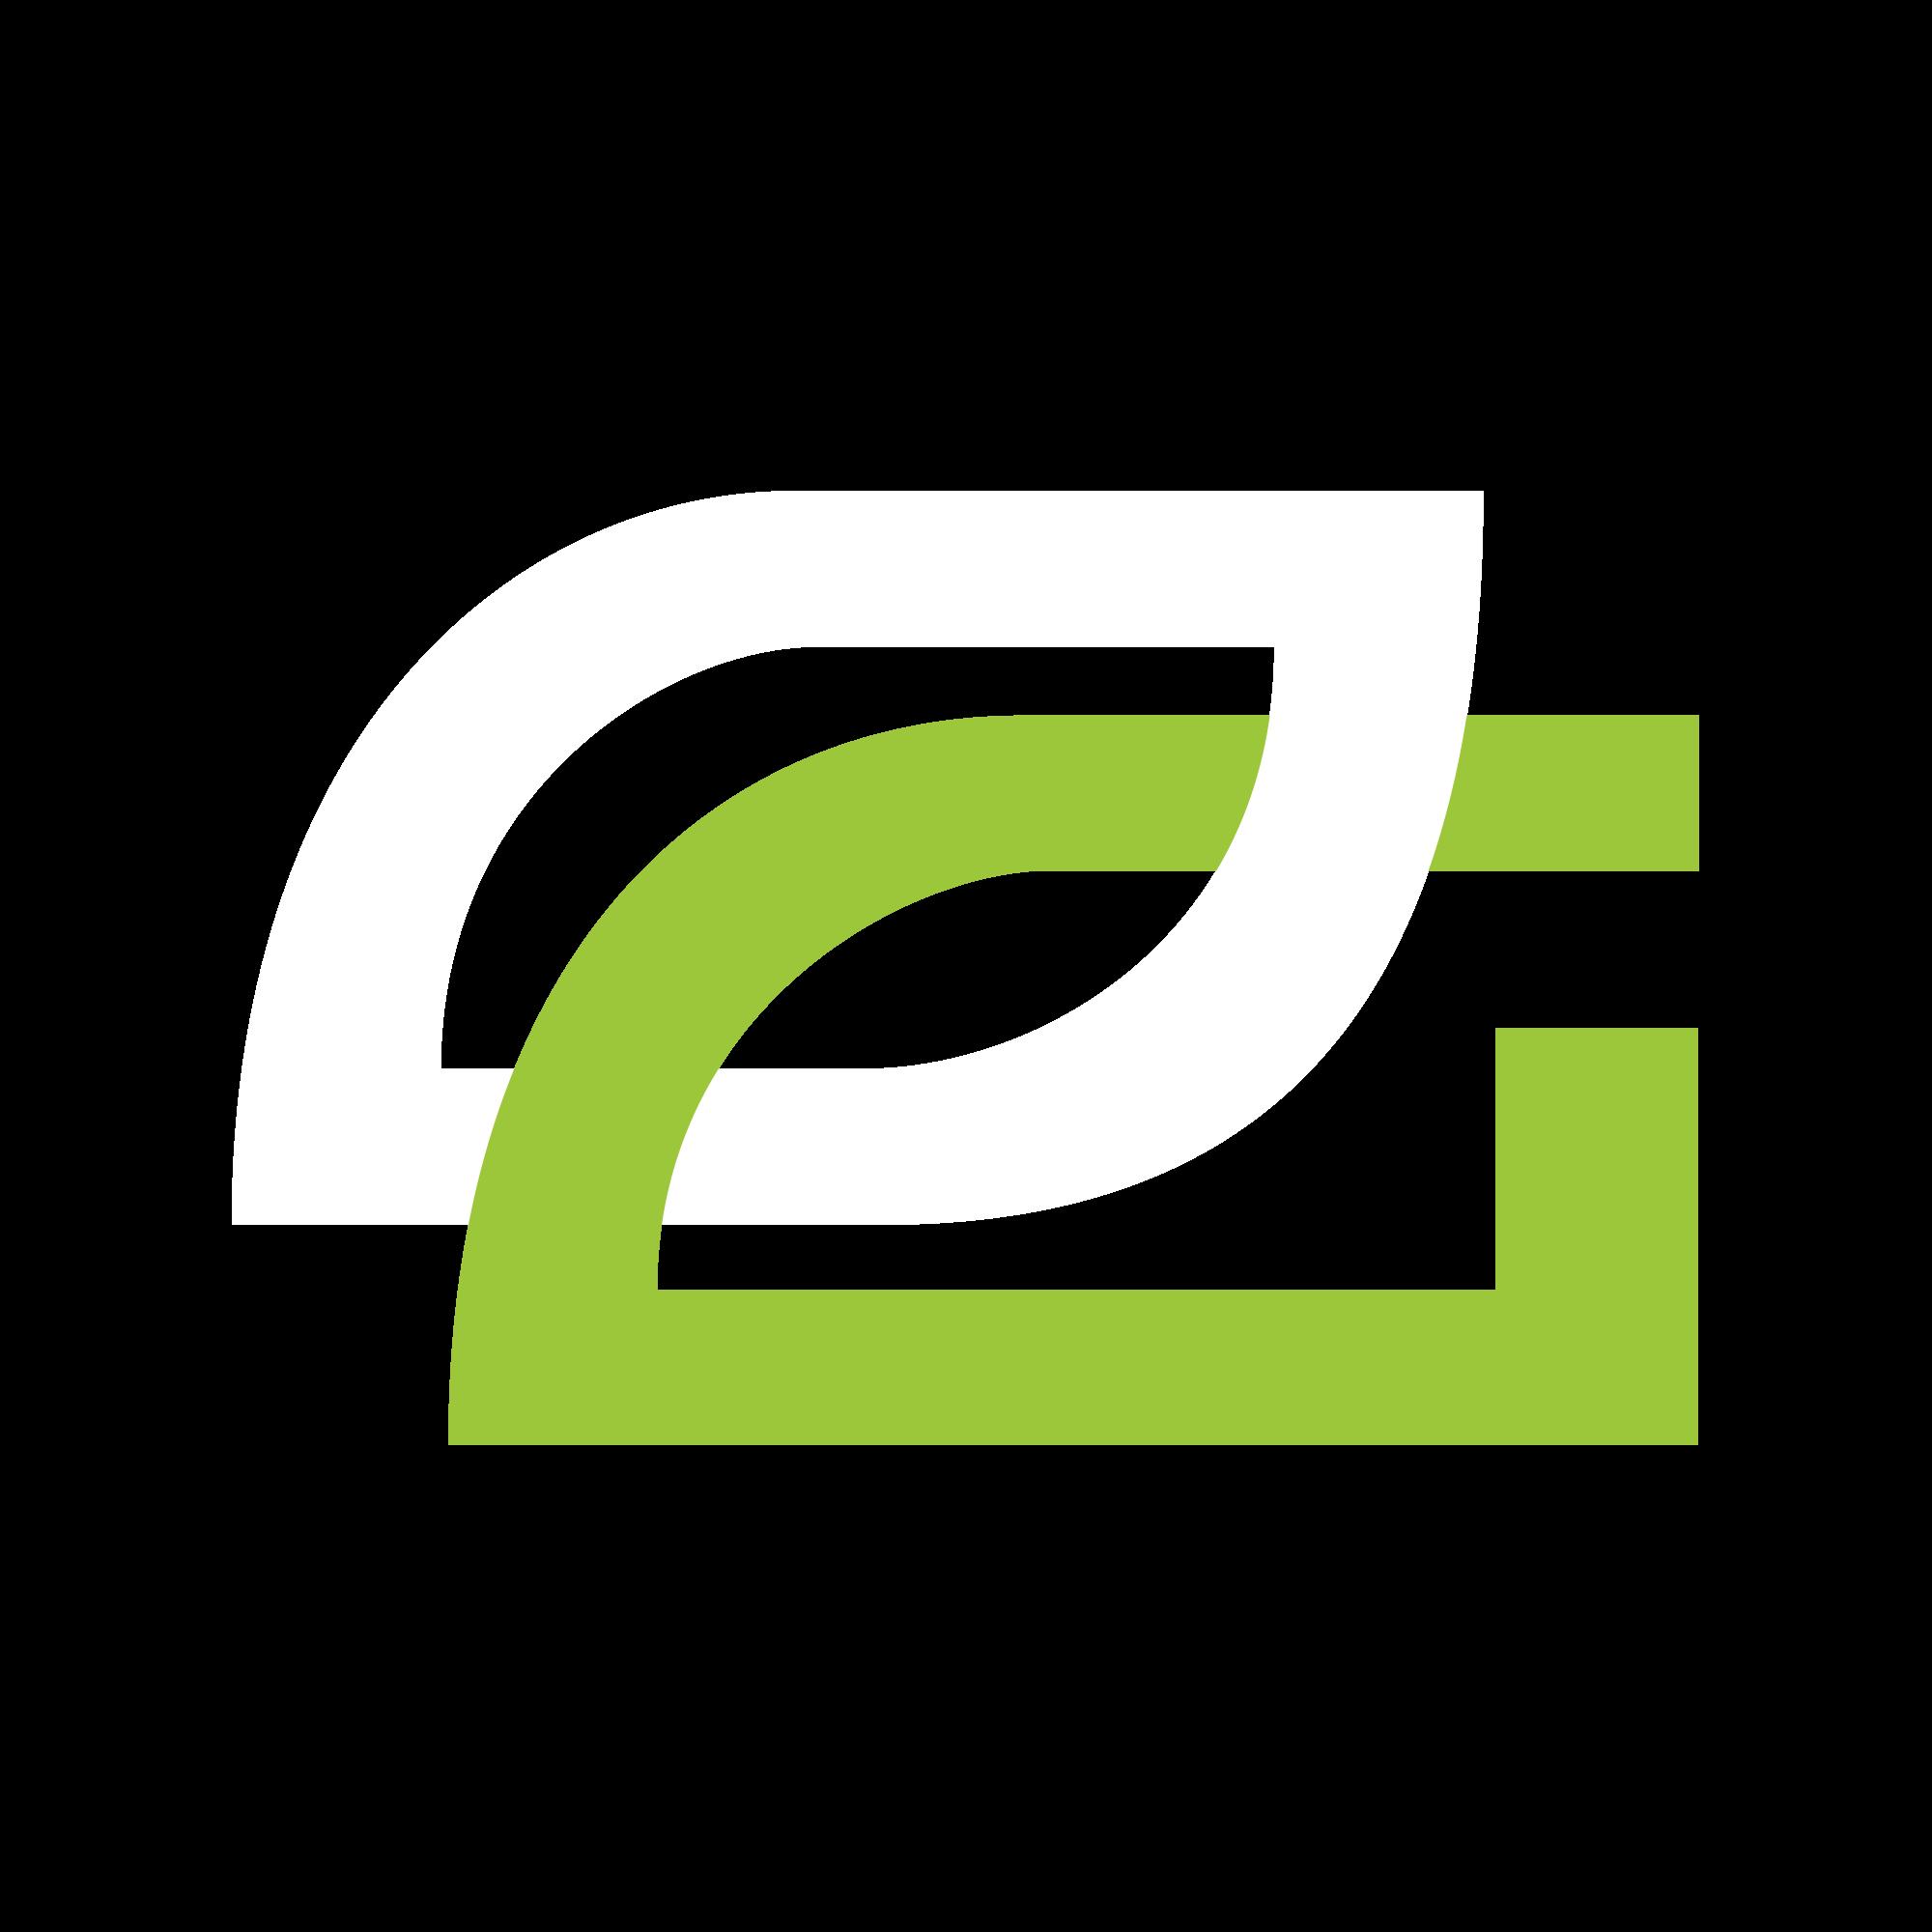 OG_Iconlight.png